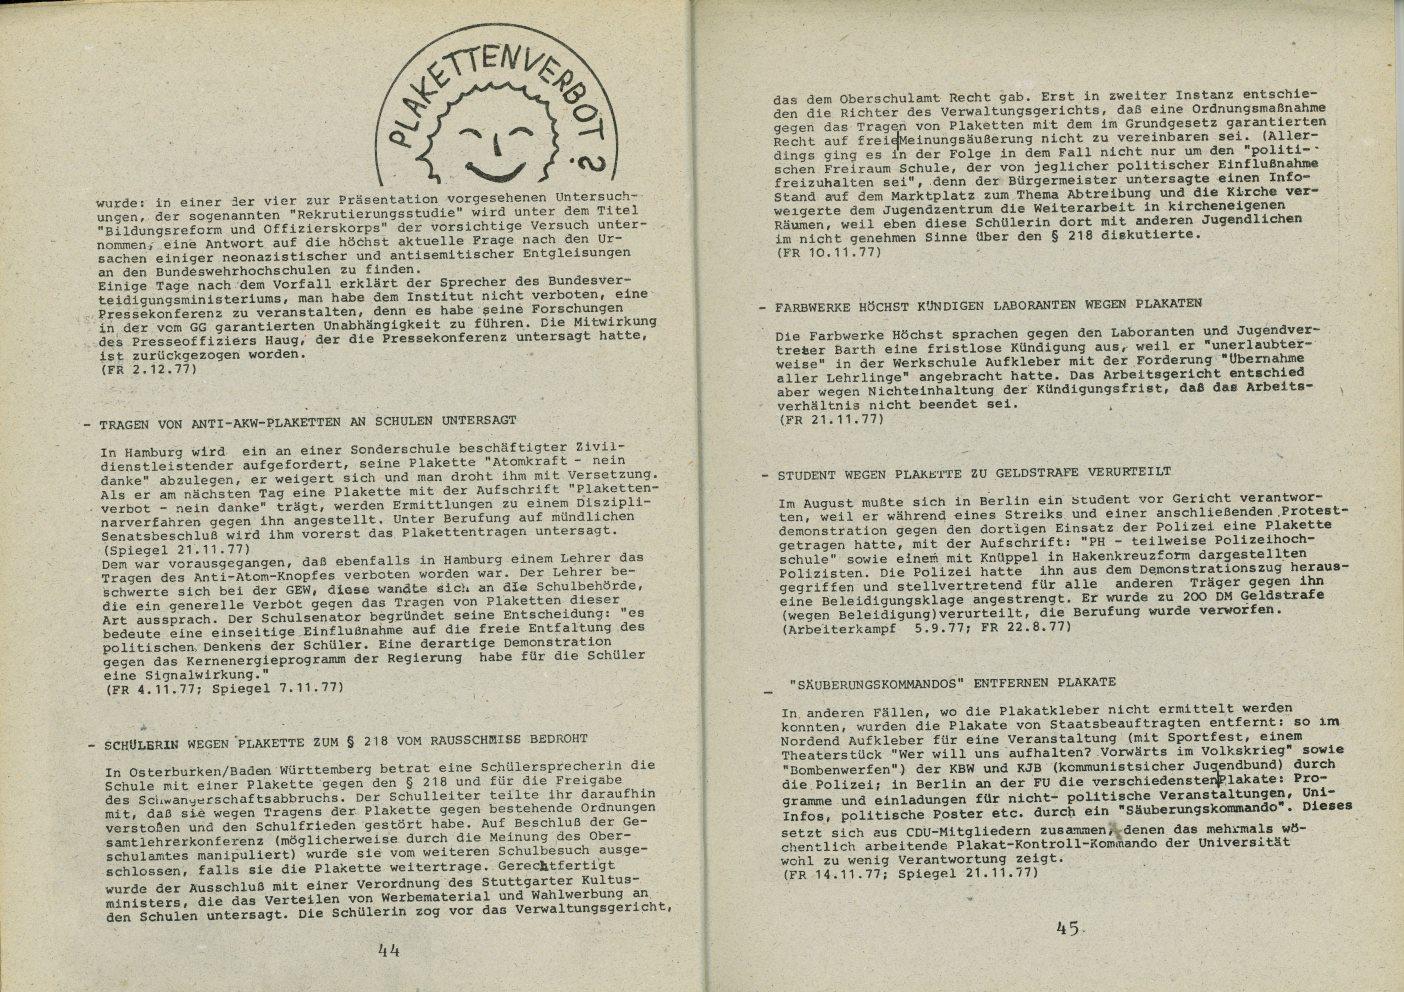 Stuttgart_AGRT_Menschenrechtsverletzungen_Leseheft_1978_24